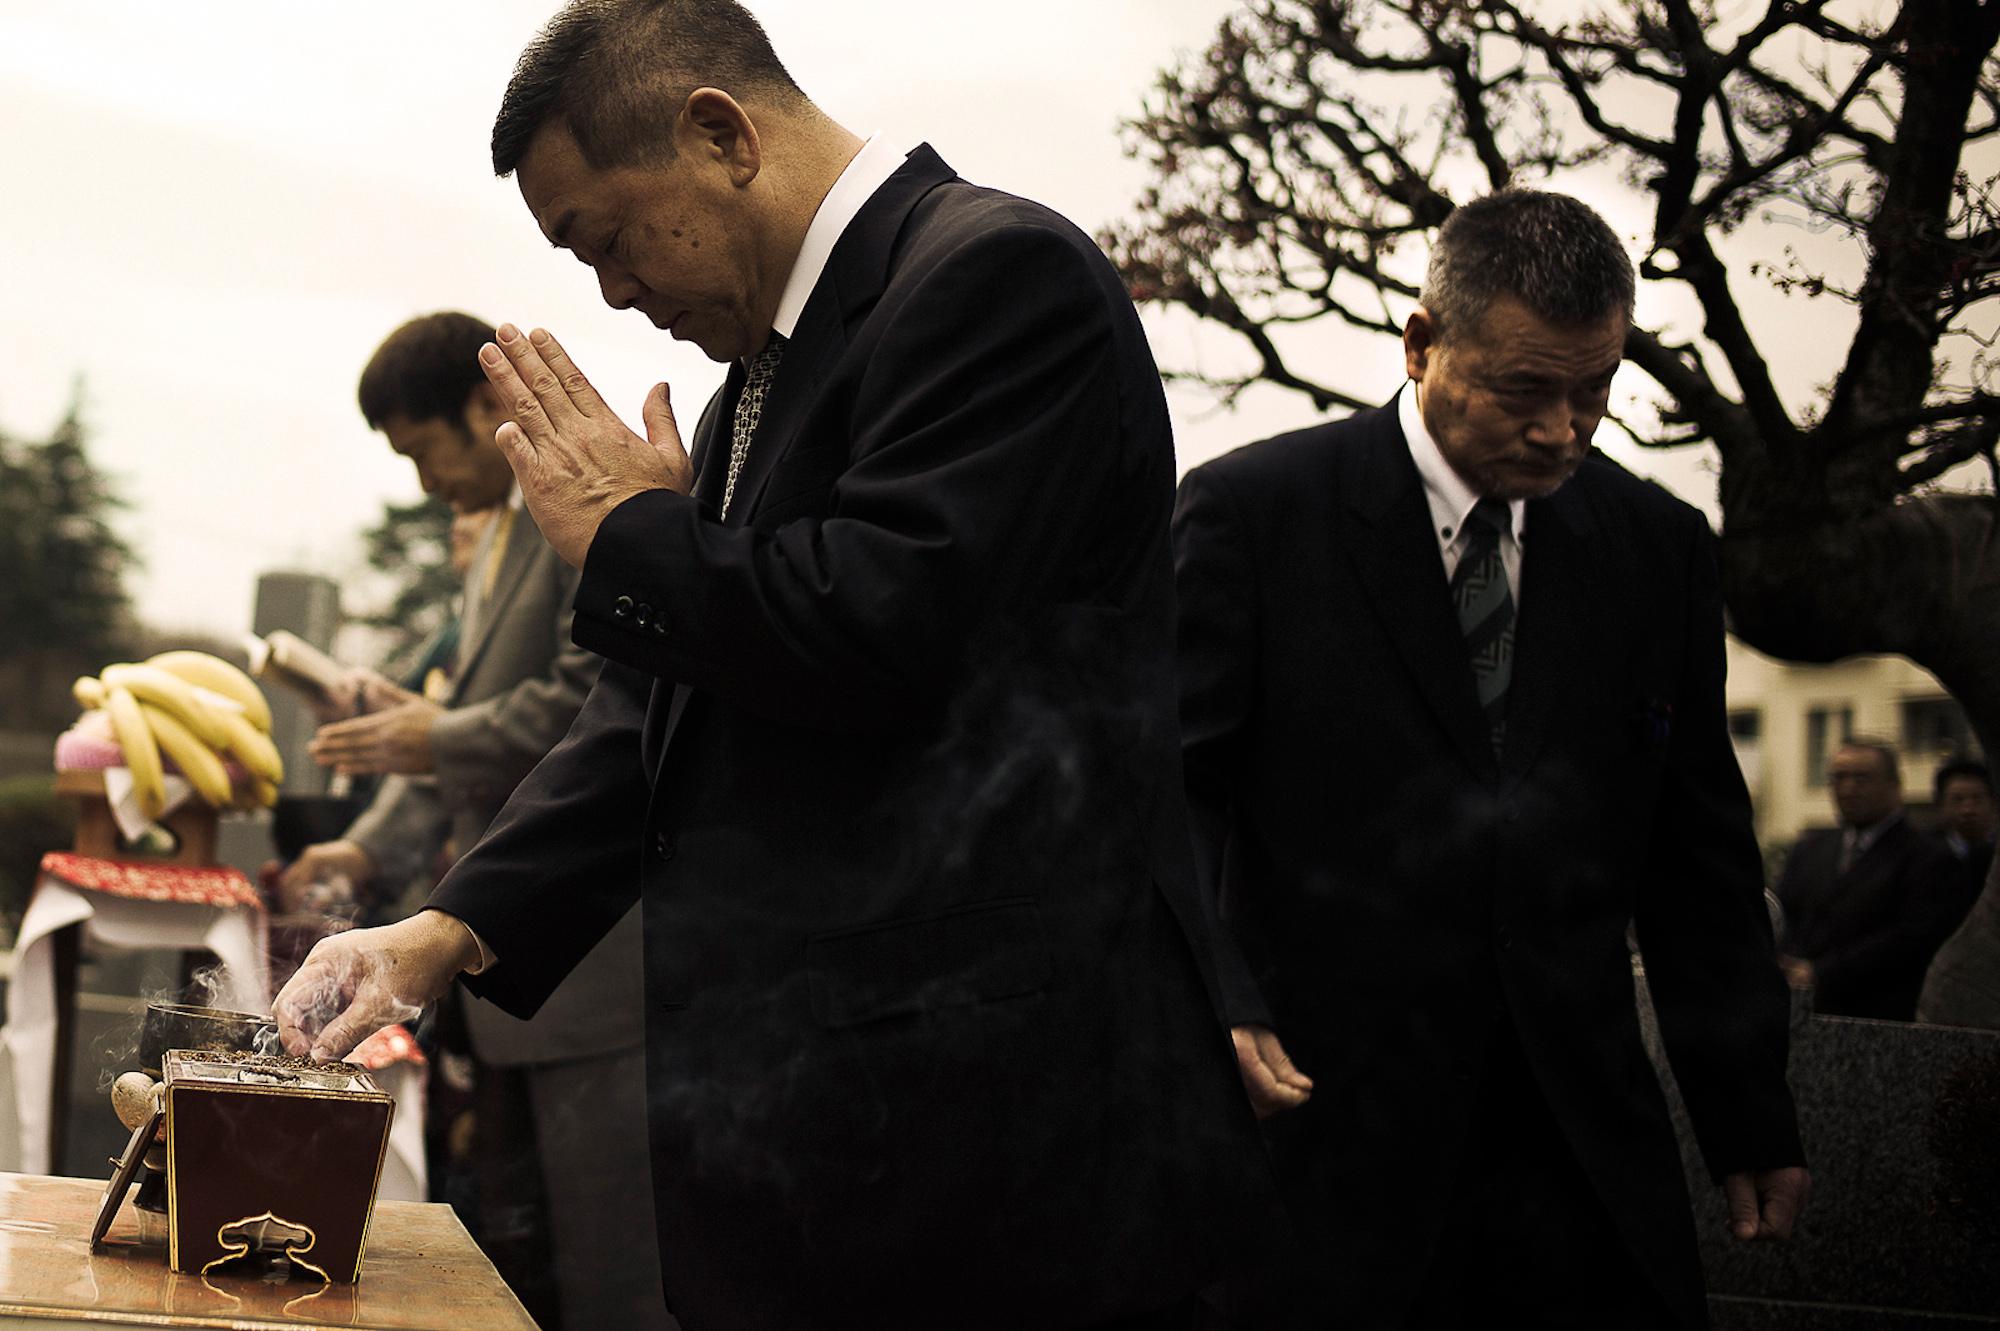 Des Yakuzas rendent hommage à un défunCrédits : Anton Kusters